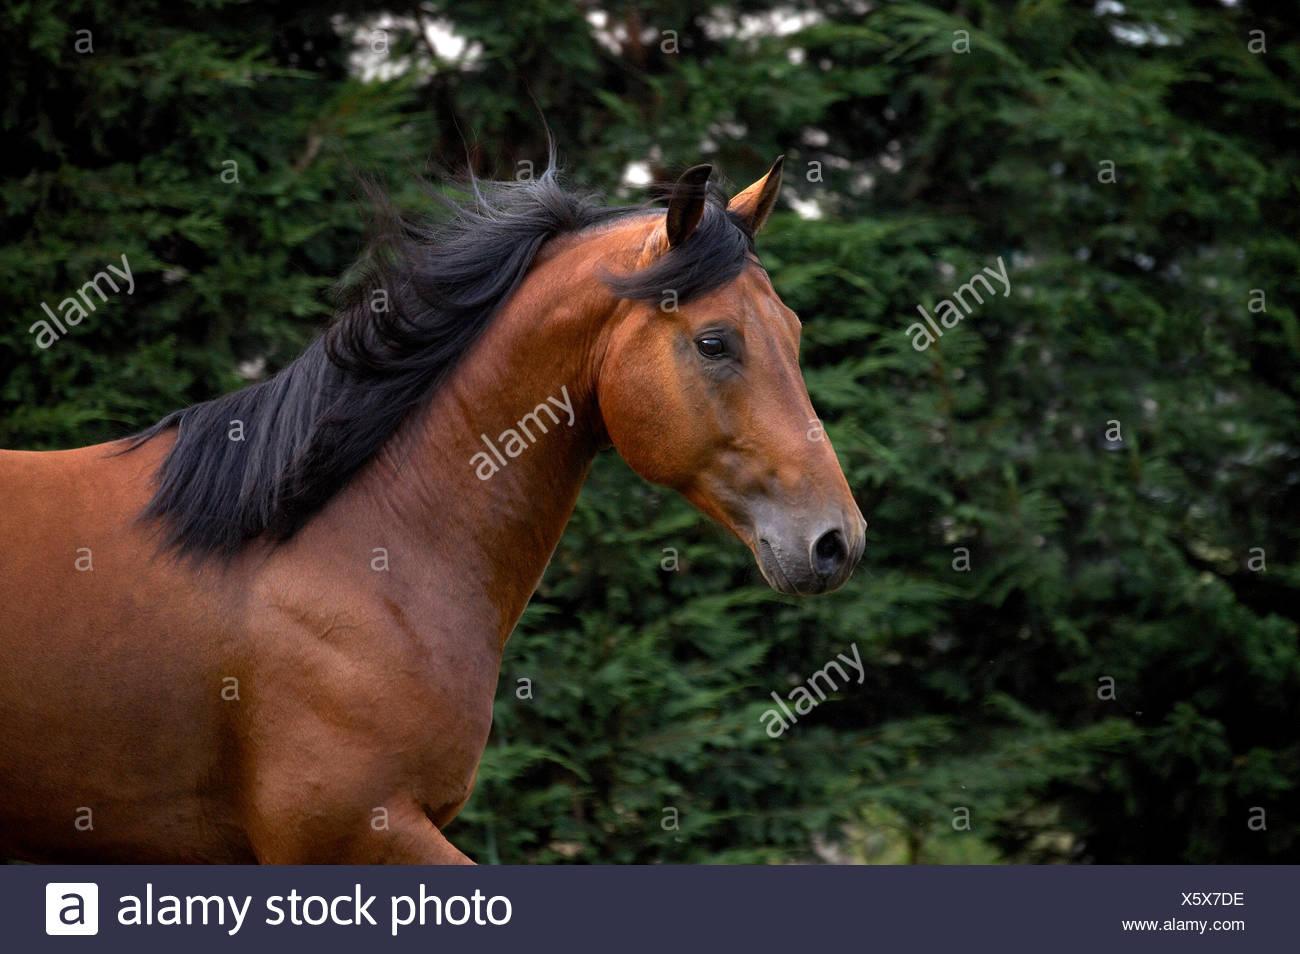 Appaloosa Horses Stock Photos & Appaloosa Horses Stock